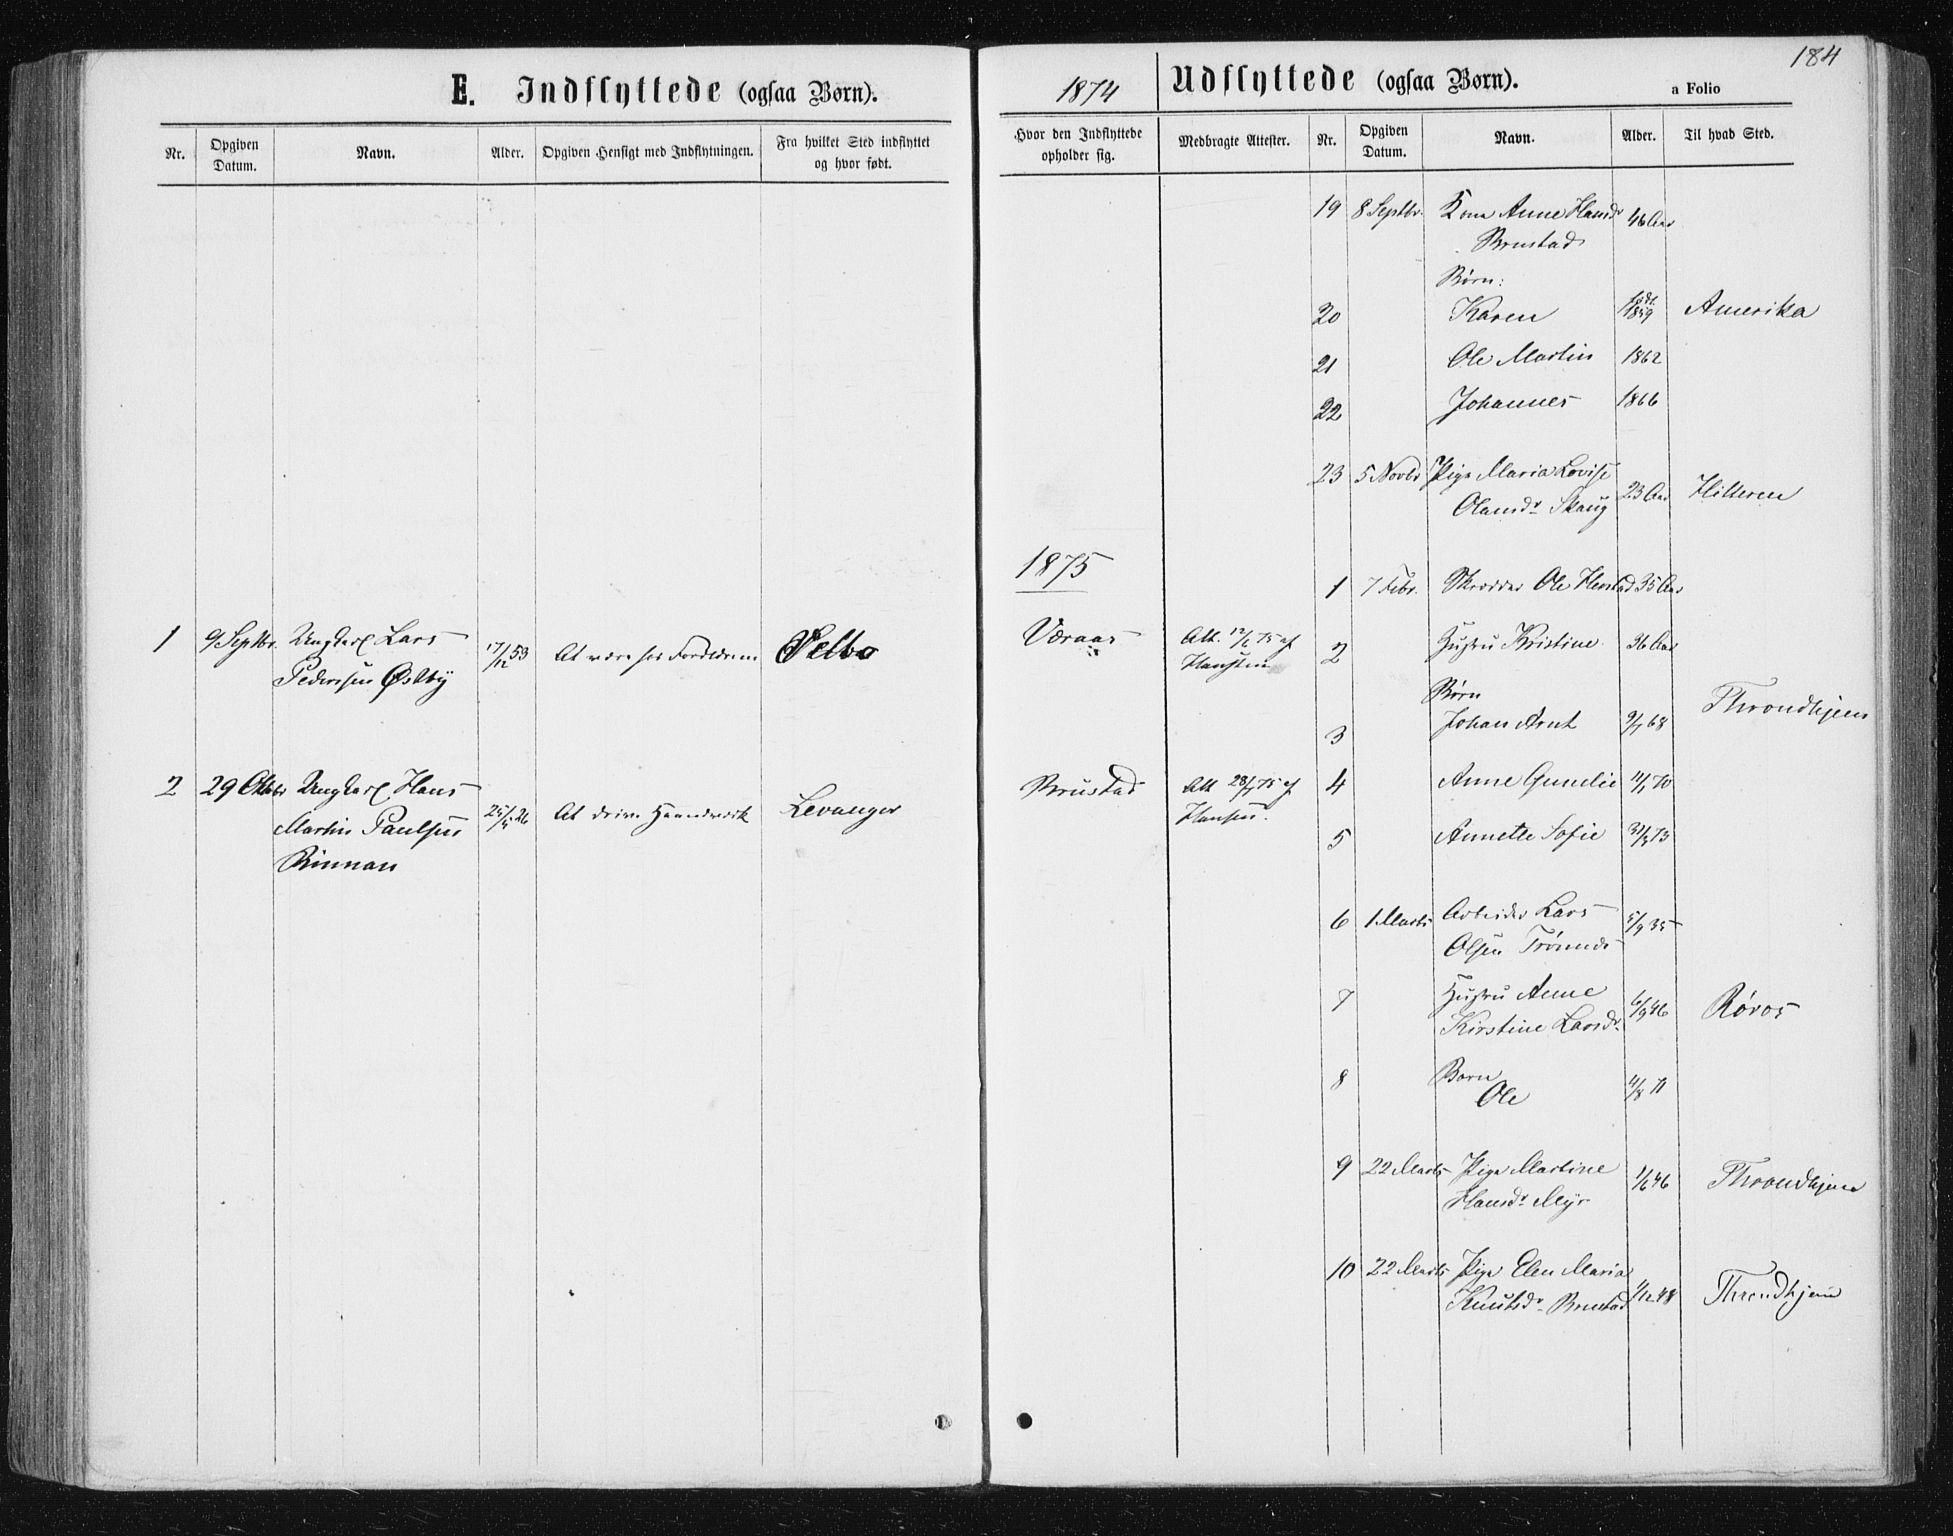 SAT, Ministerialprotokoller, klokkerbøker og fødselsregistre - Nord-Trøndelag, 722/L0219: Ministerialbok nr. 722A06, 1868-1880, s. 184